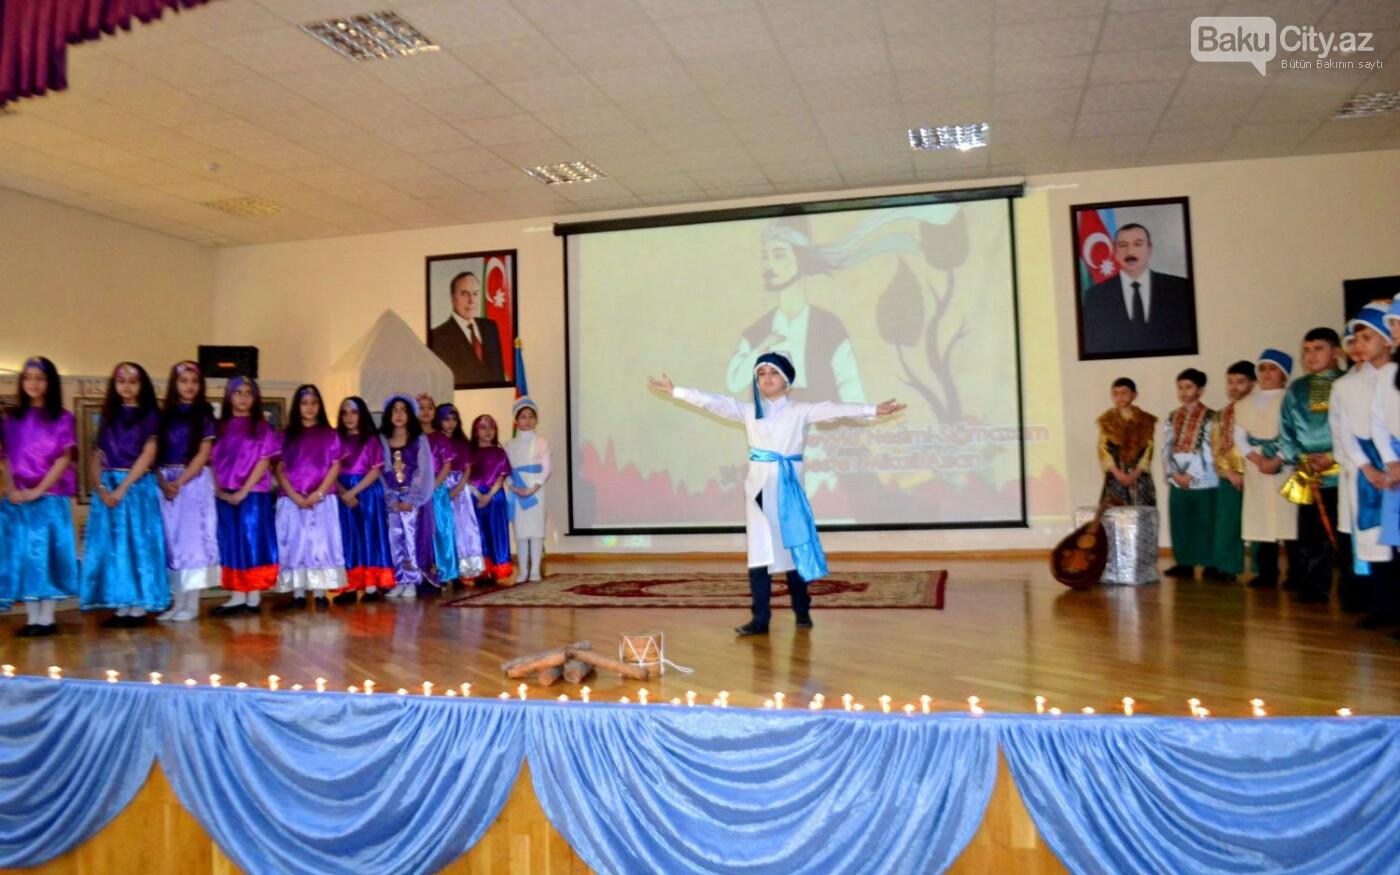 Bakı məktəblərində Nəsiminin 650 illik yubiley tədbirləri - FOTO, fotoşəkil-1